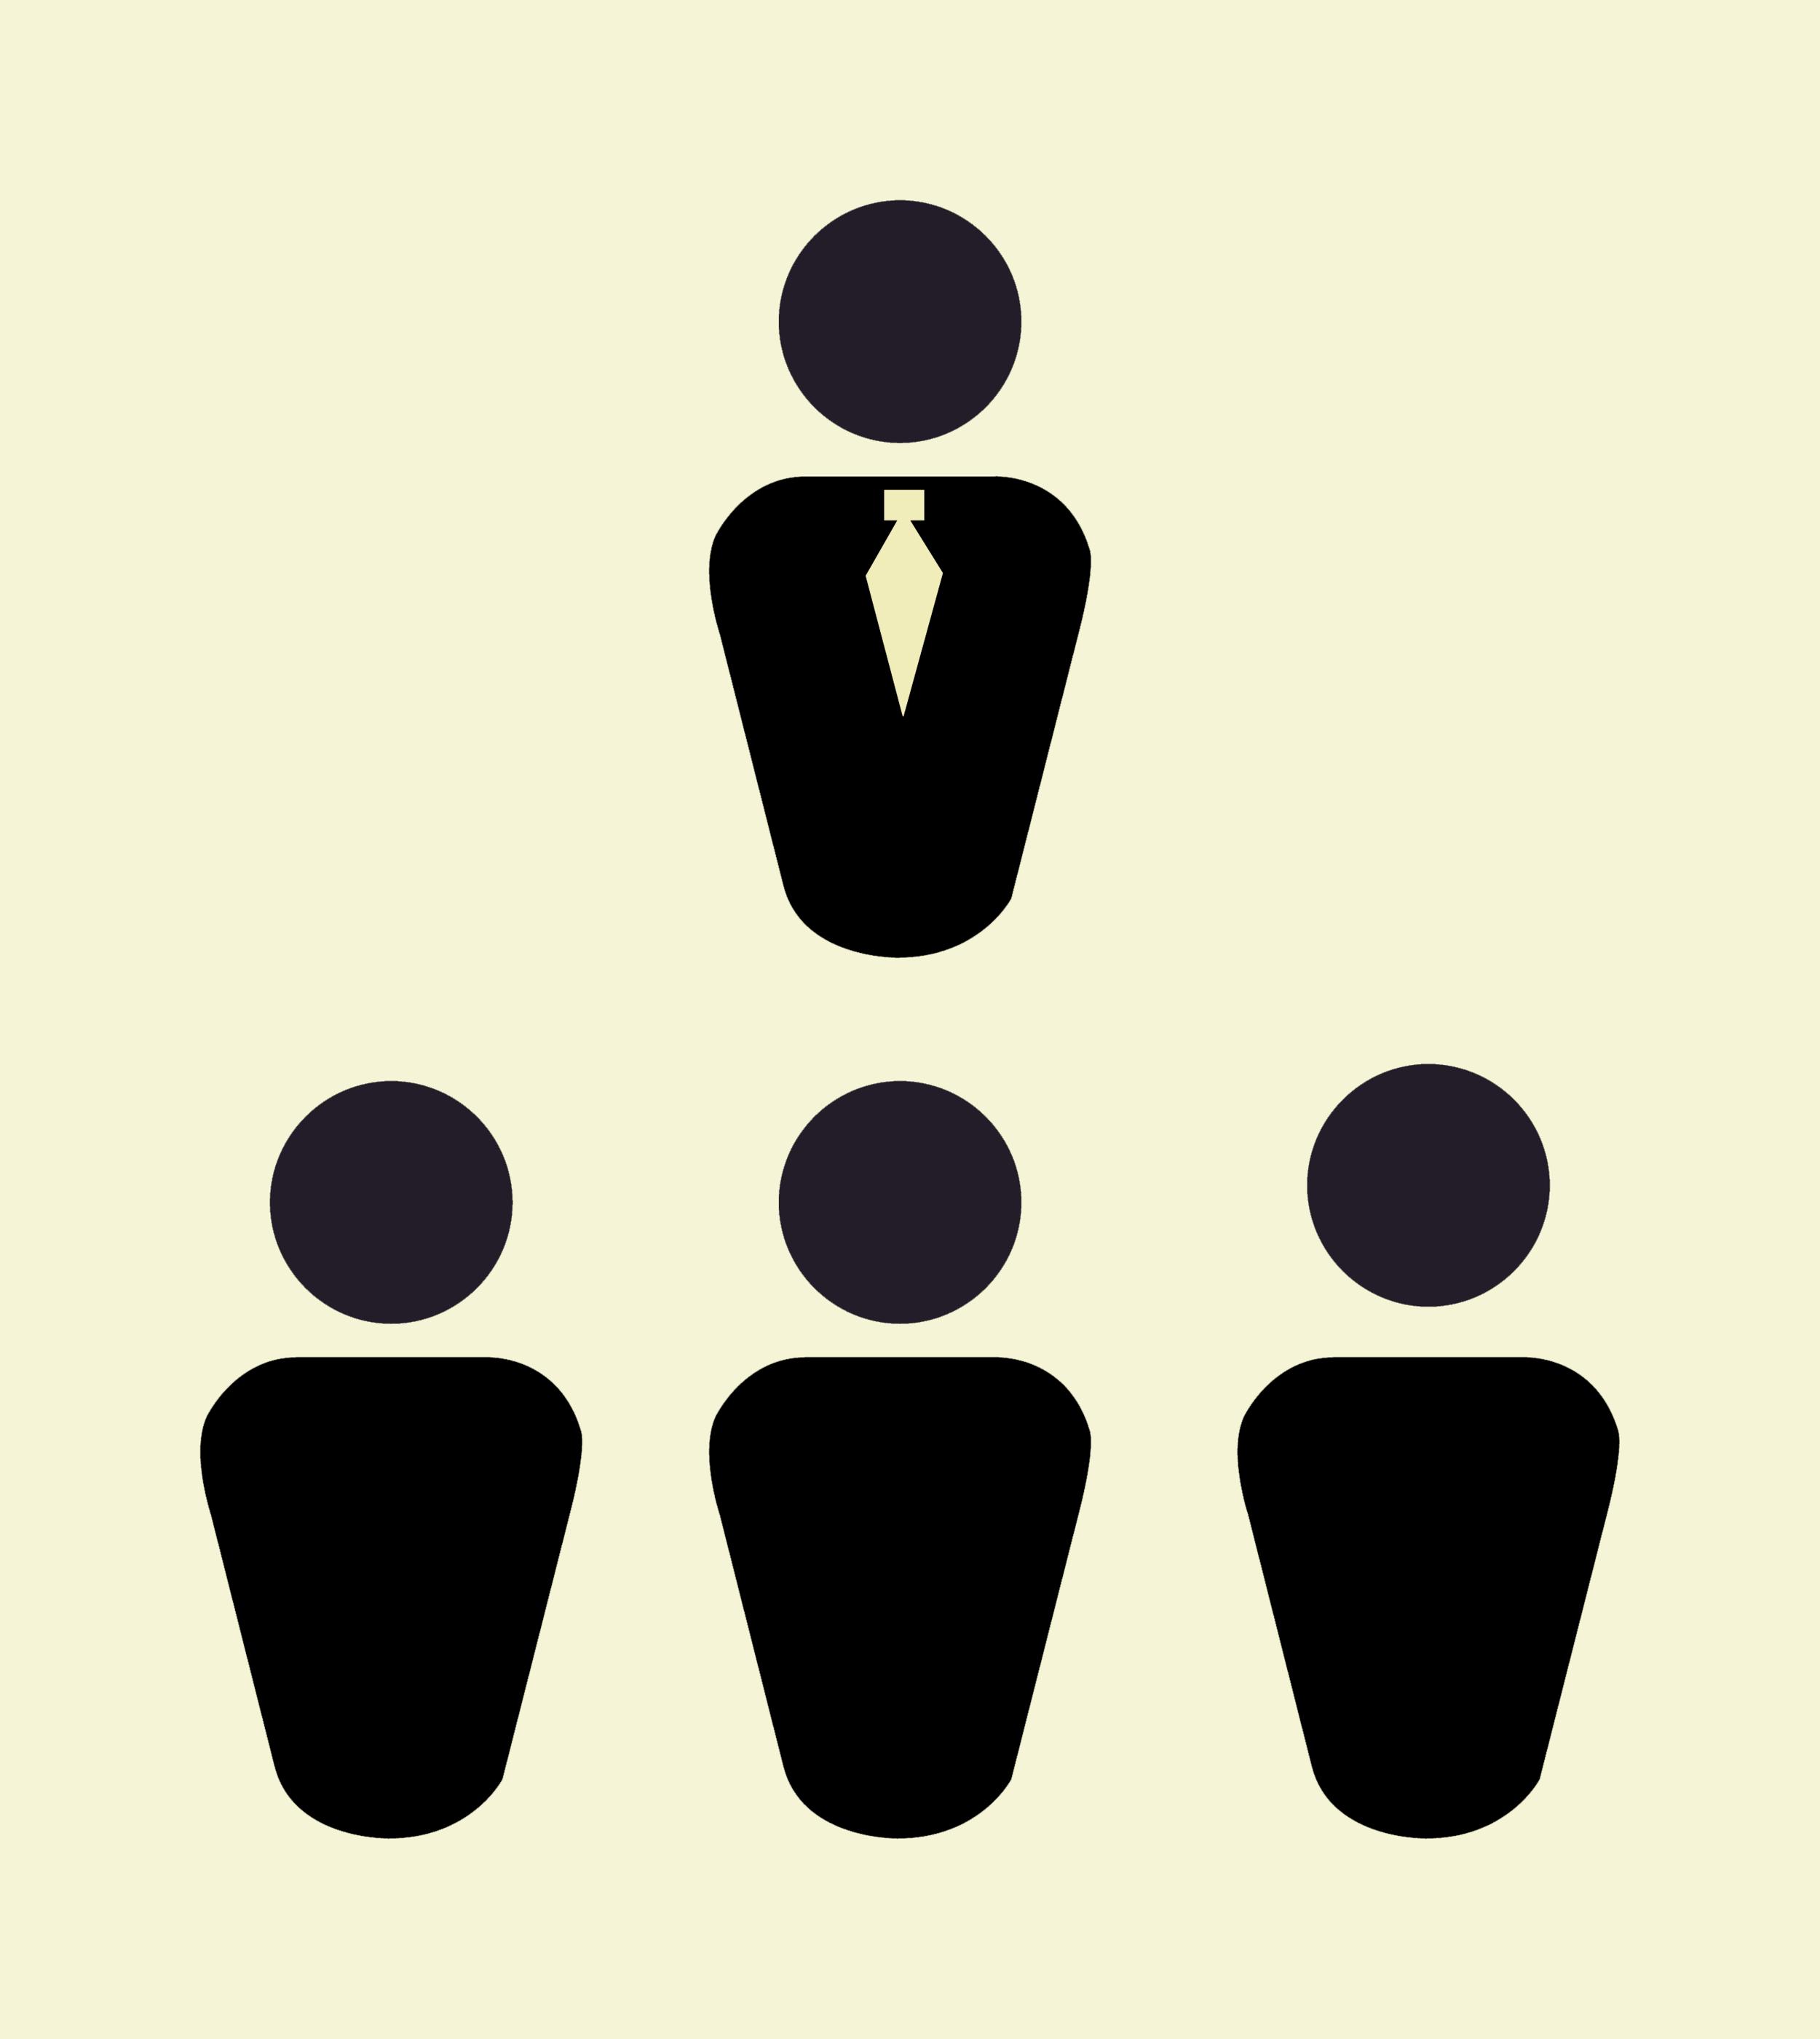 Artikelen samenwerkingsovereenkomst vennootschap onder firma